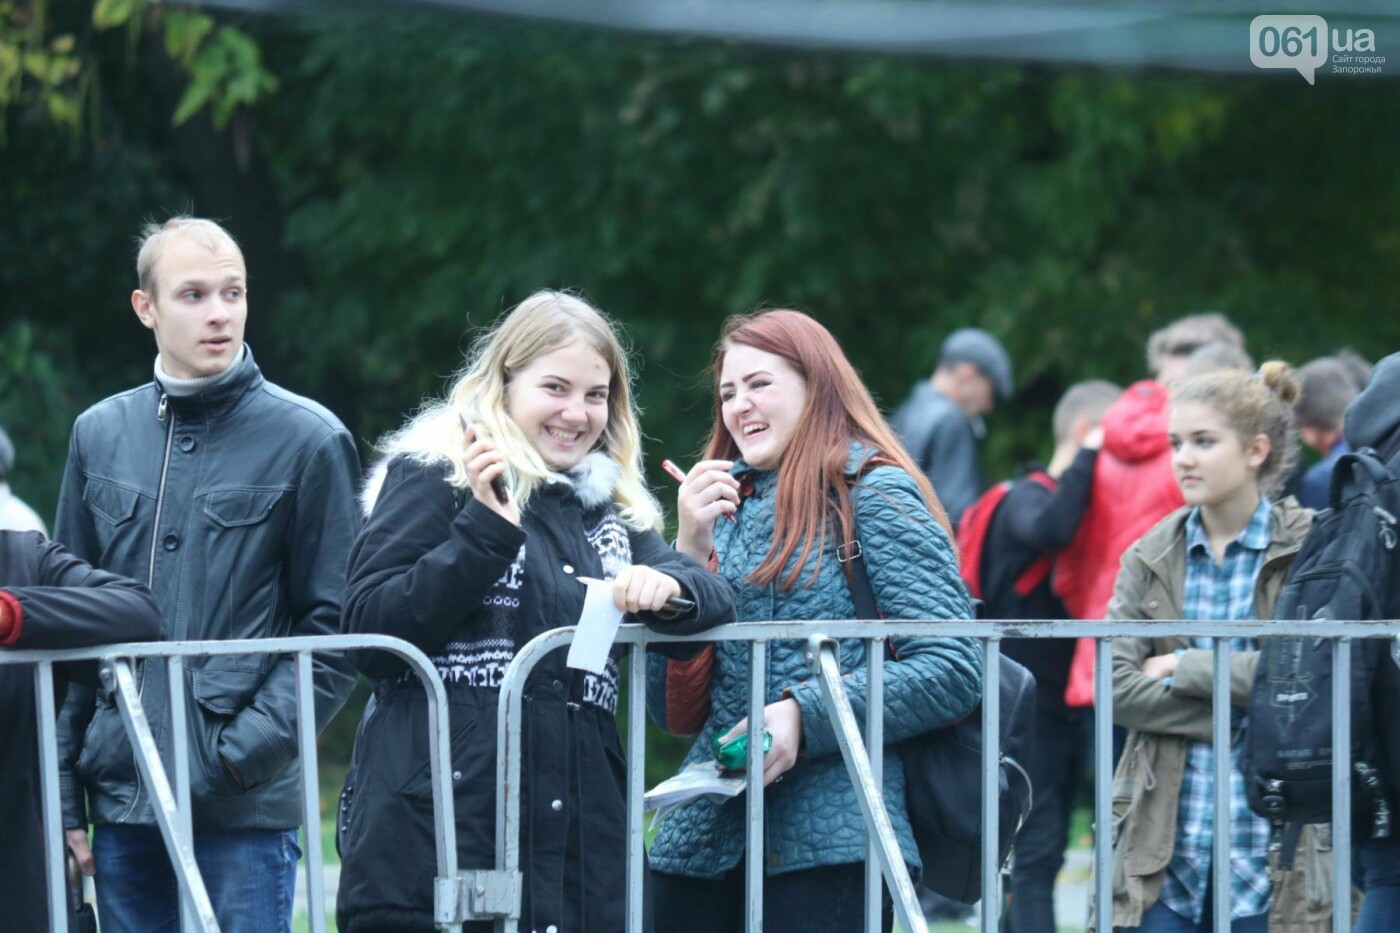 В парке Трудовой славы Onuka провела саундчек перед вечерним концертом, - ФОТО , фото-13